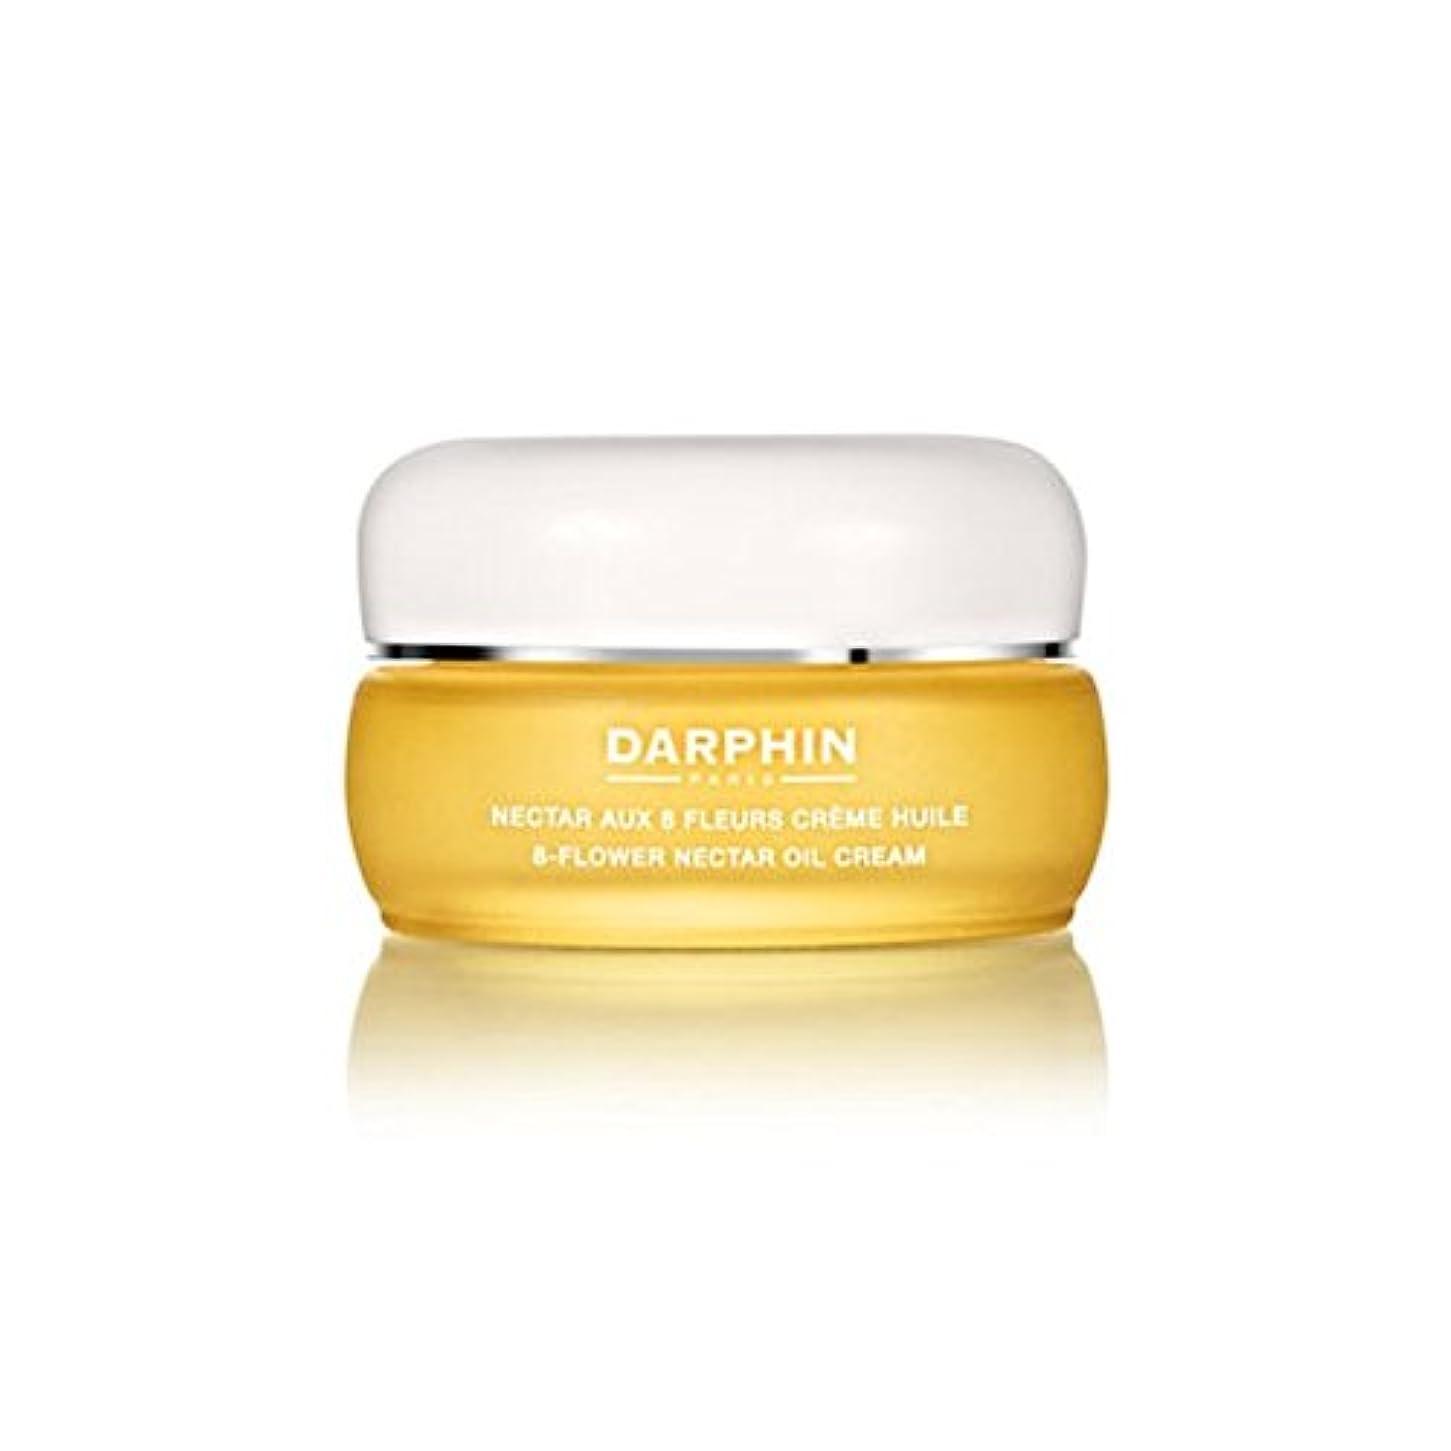 解凍する、雪解け、霜解け老人解釈するダルファン8フラワー油クリーム(30ミリリットル) x4 - Darphin 8-Flower Oil Cream (30ml) (Pack of 4) [並行輸入品]